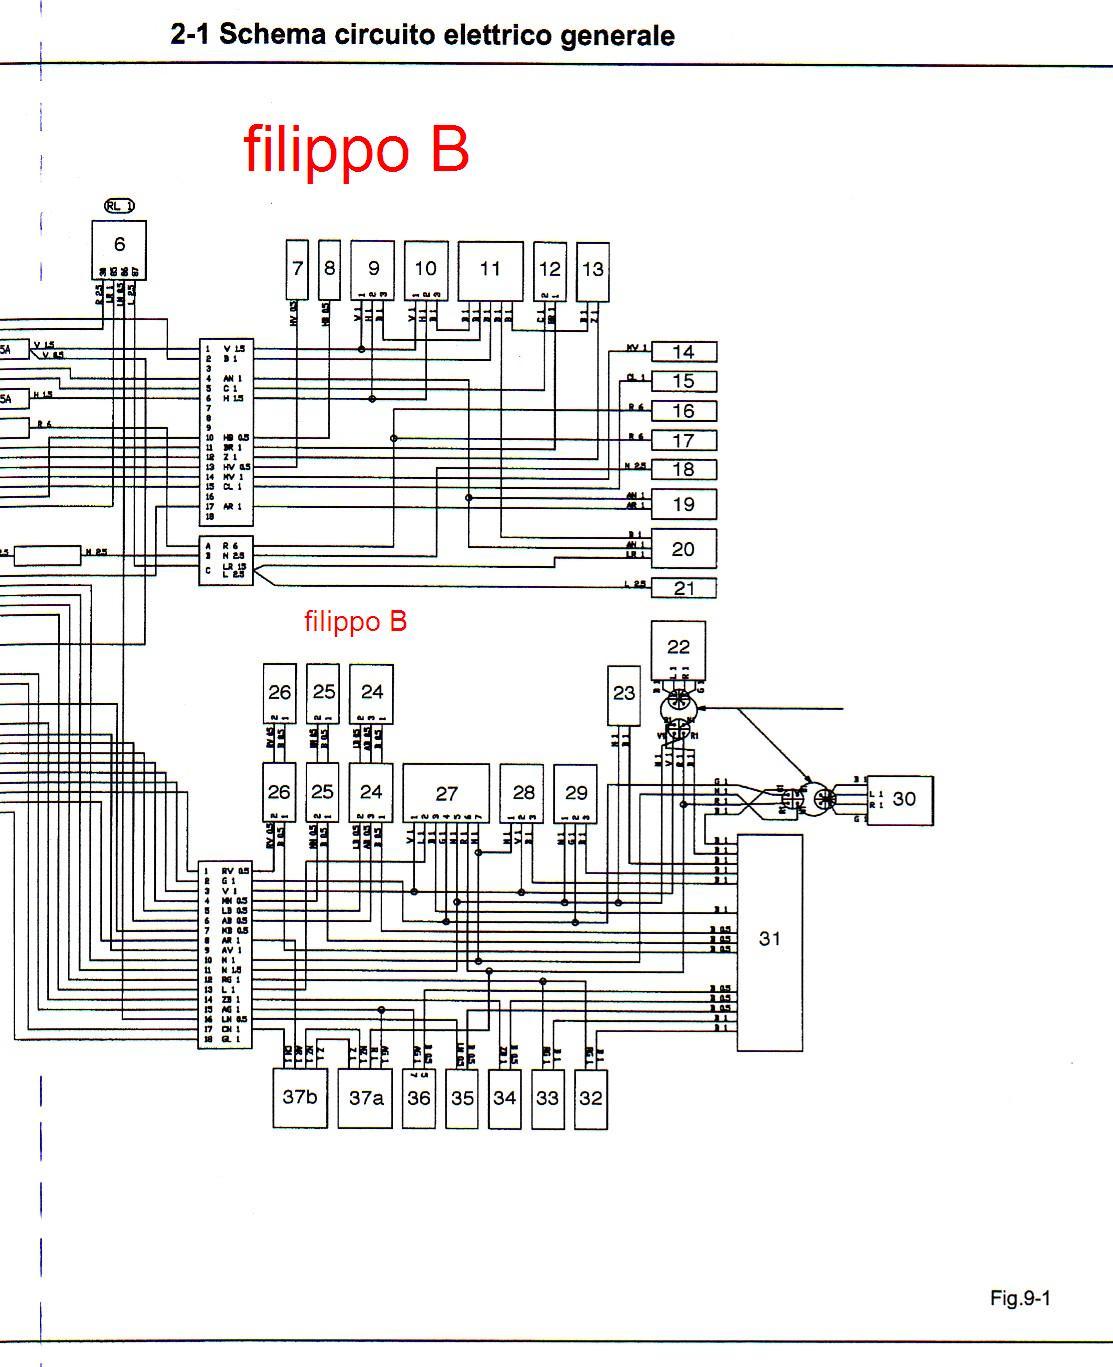 Schema Elettrico : Schema elettrico tce forum macchine